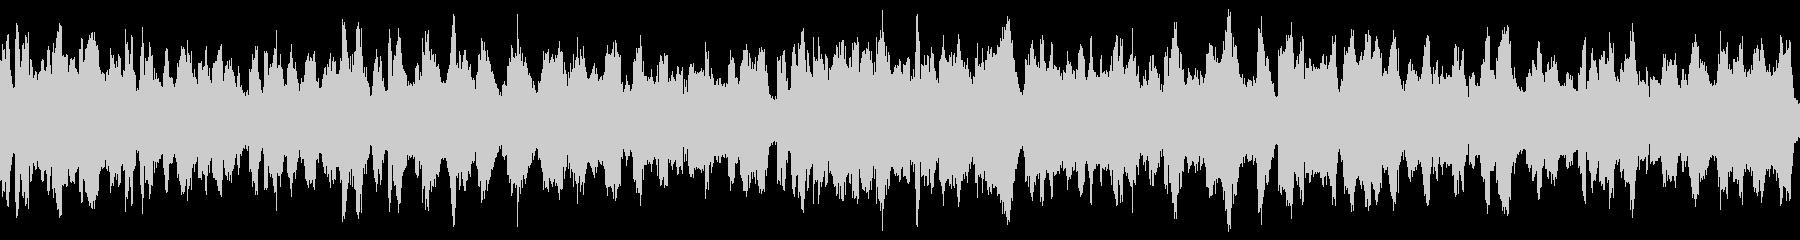 平和なファンタジー村(環境音有版)の未再生の波形